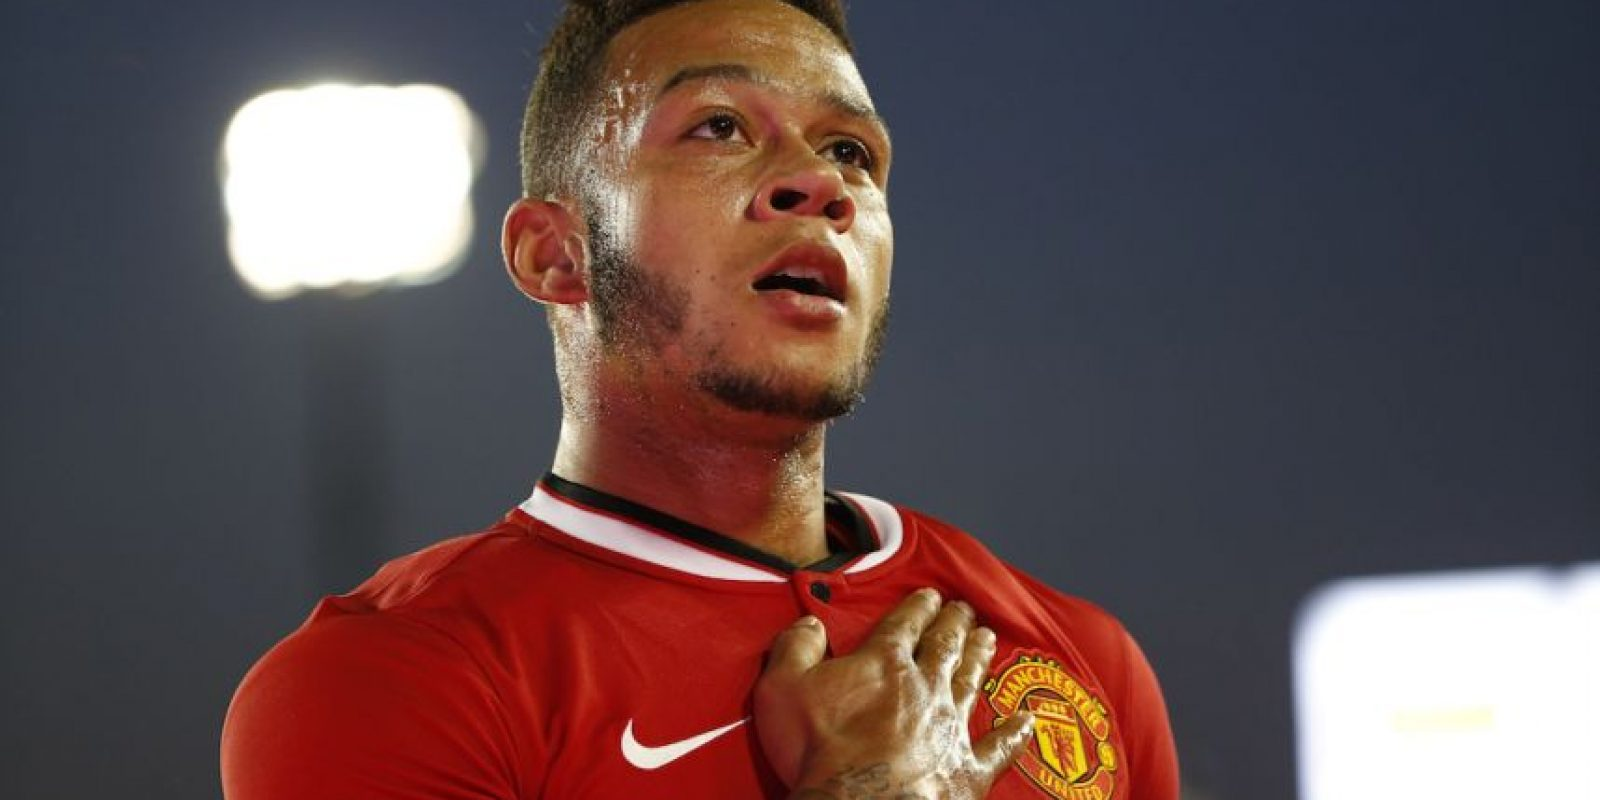 Memphis Depay al Manchester United por 33 millones de euros. Foto:Getty Images